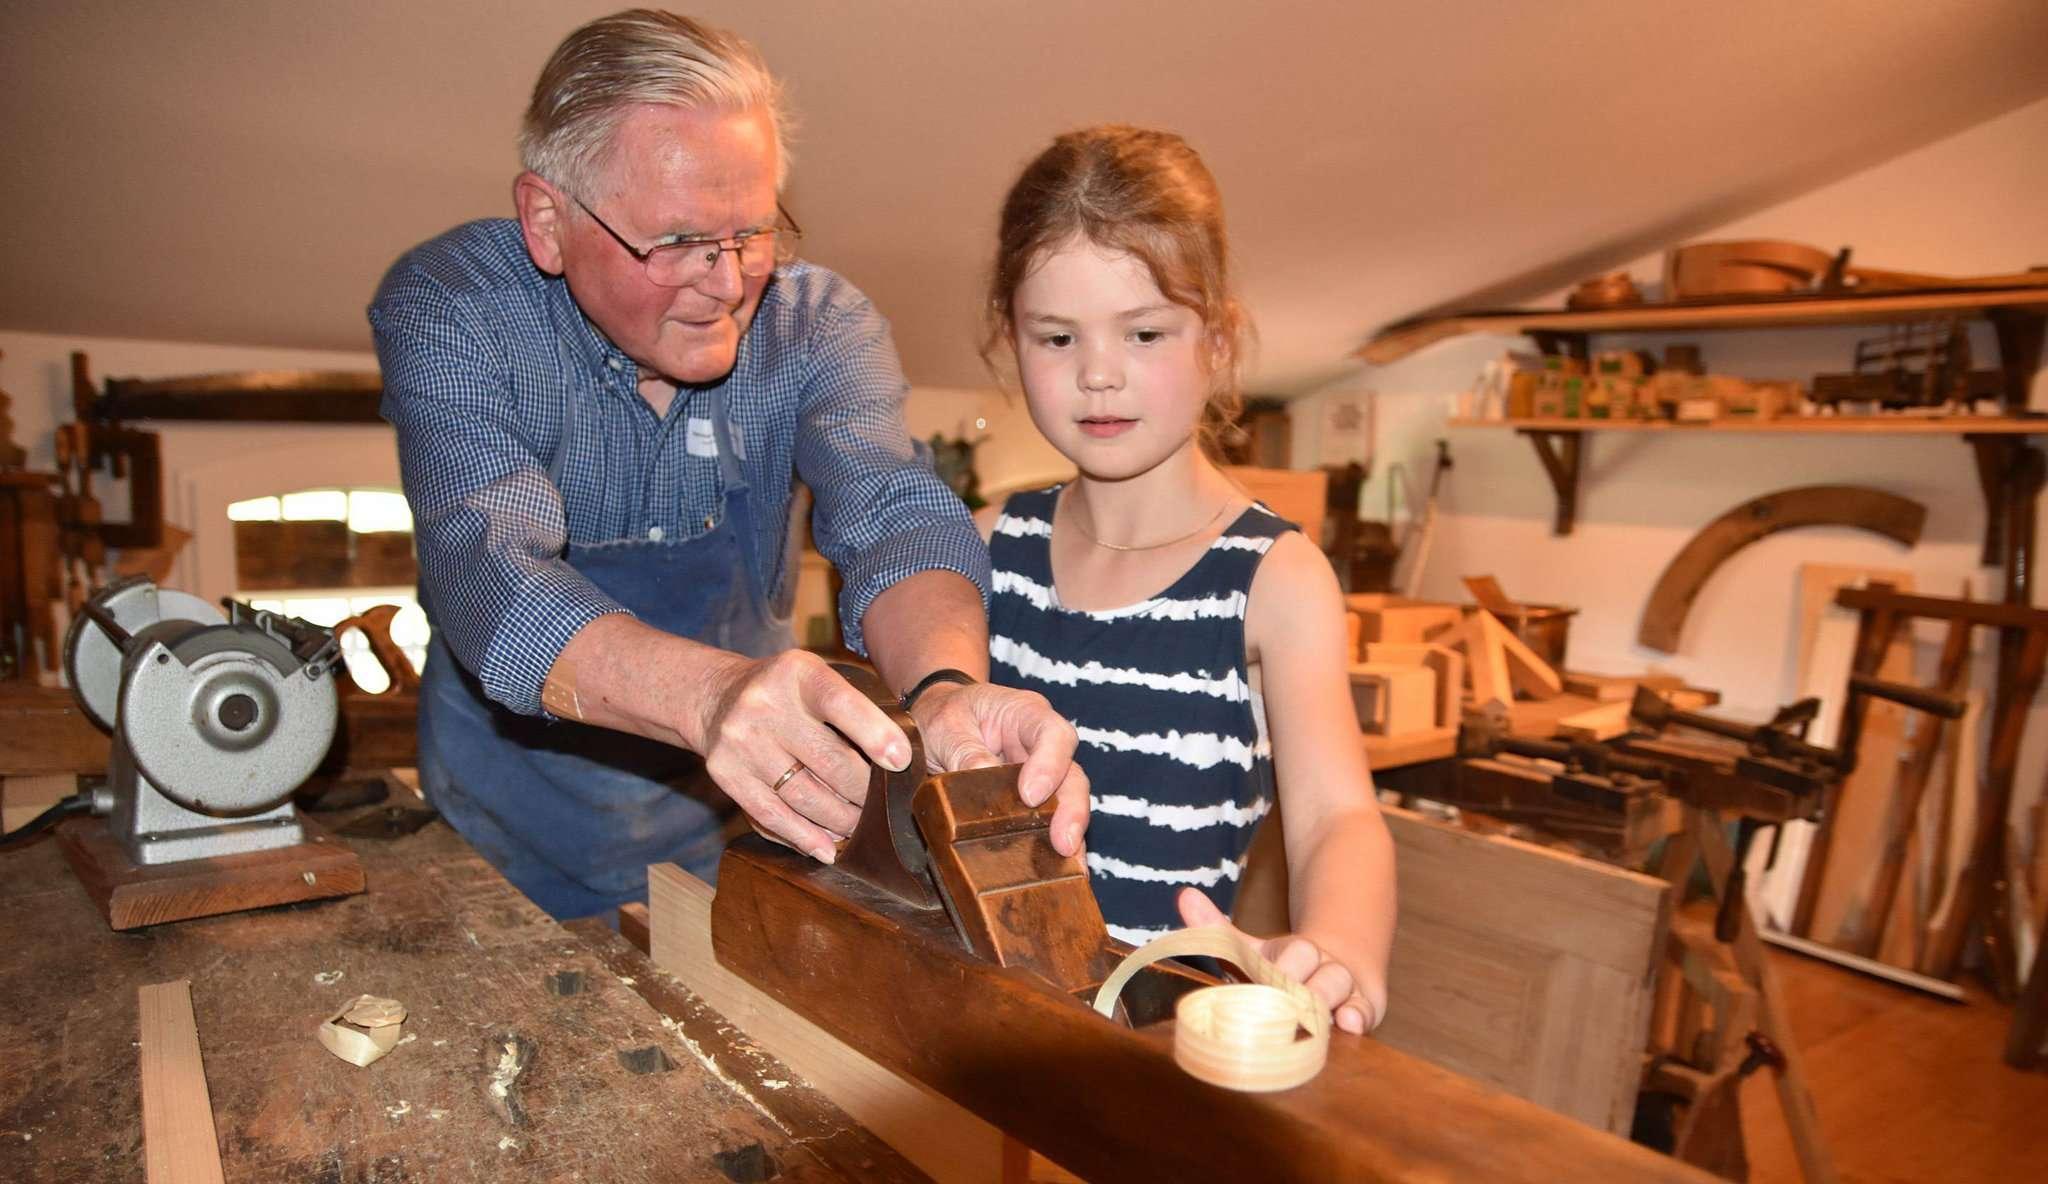 Die neunjährige Lina übte sich mit Tischler Hermann Bostelmann im Hobeln. Foto: Heidrun Meyer